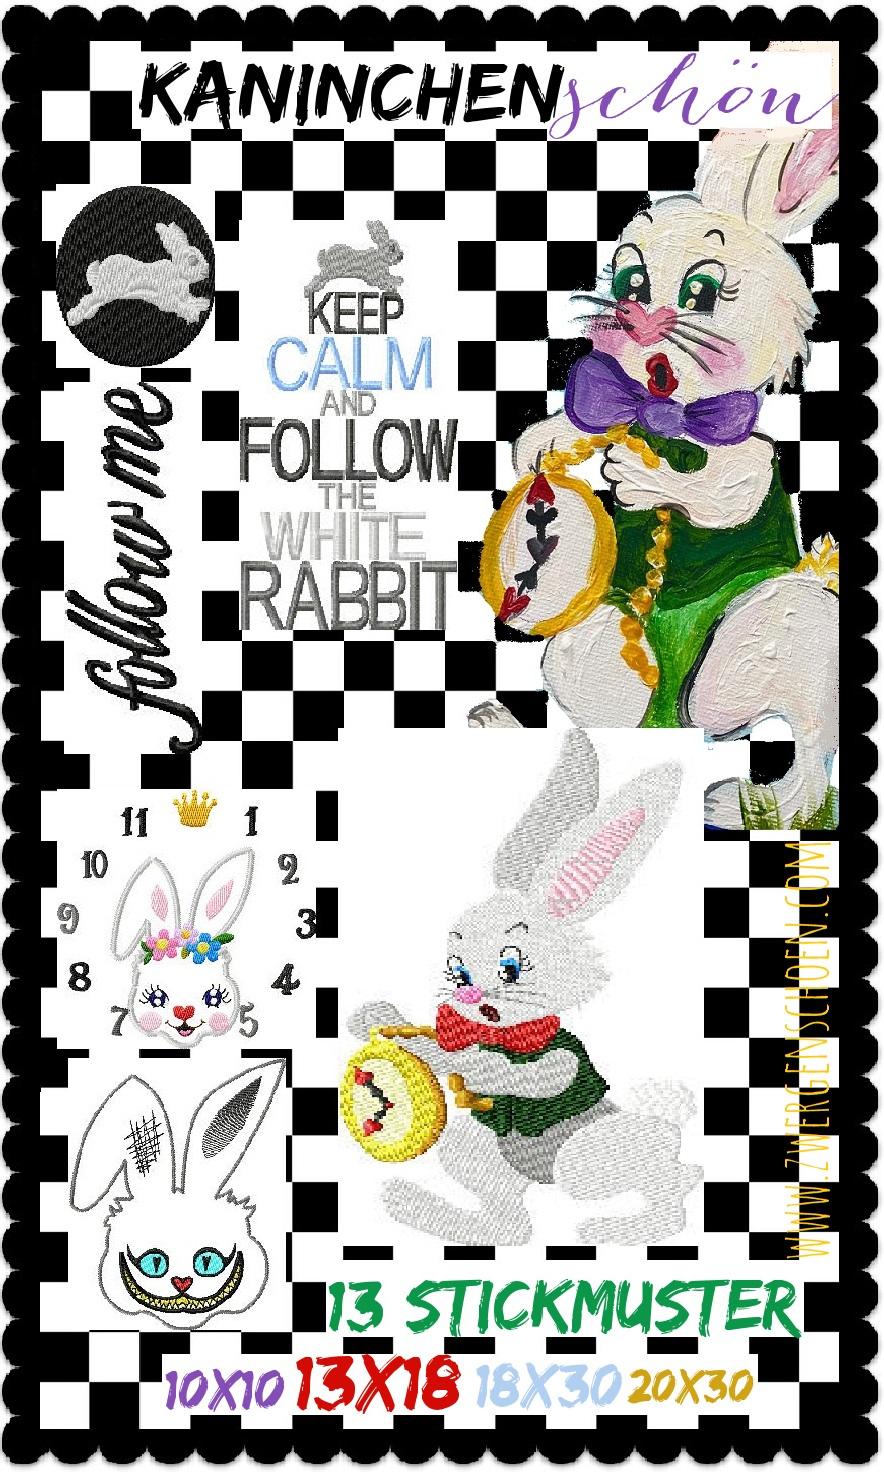 ♥KANINCHENschön♥ Embroidery File-Set WHITE RABBIT 10x10 13x18 18x30 20x30cm